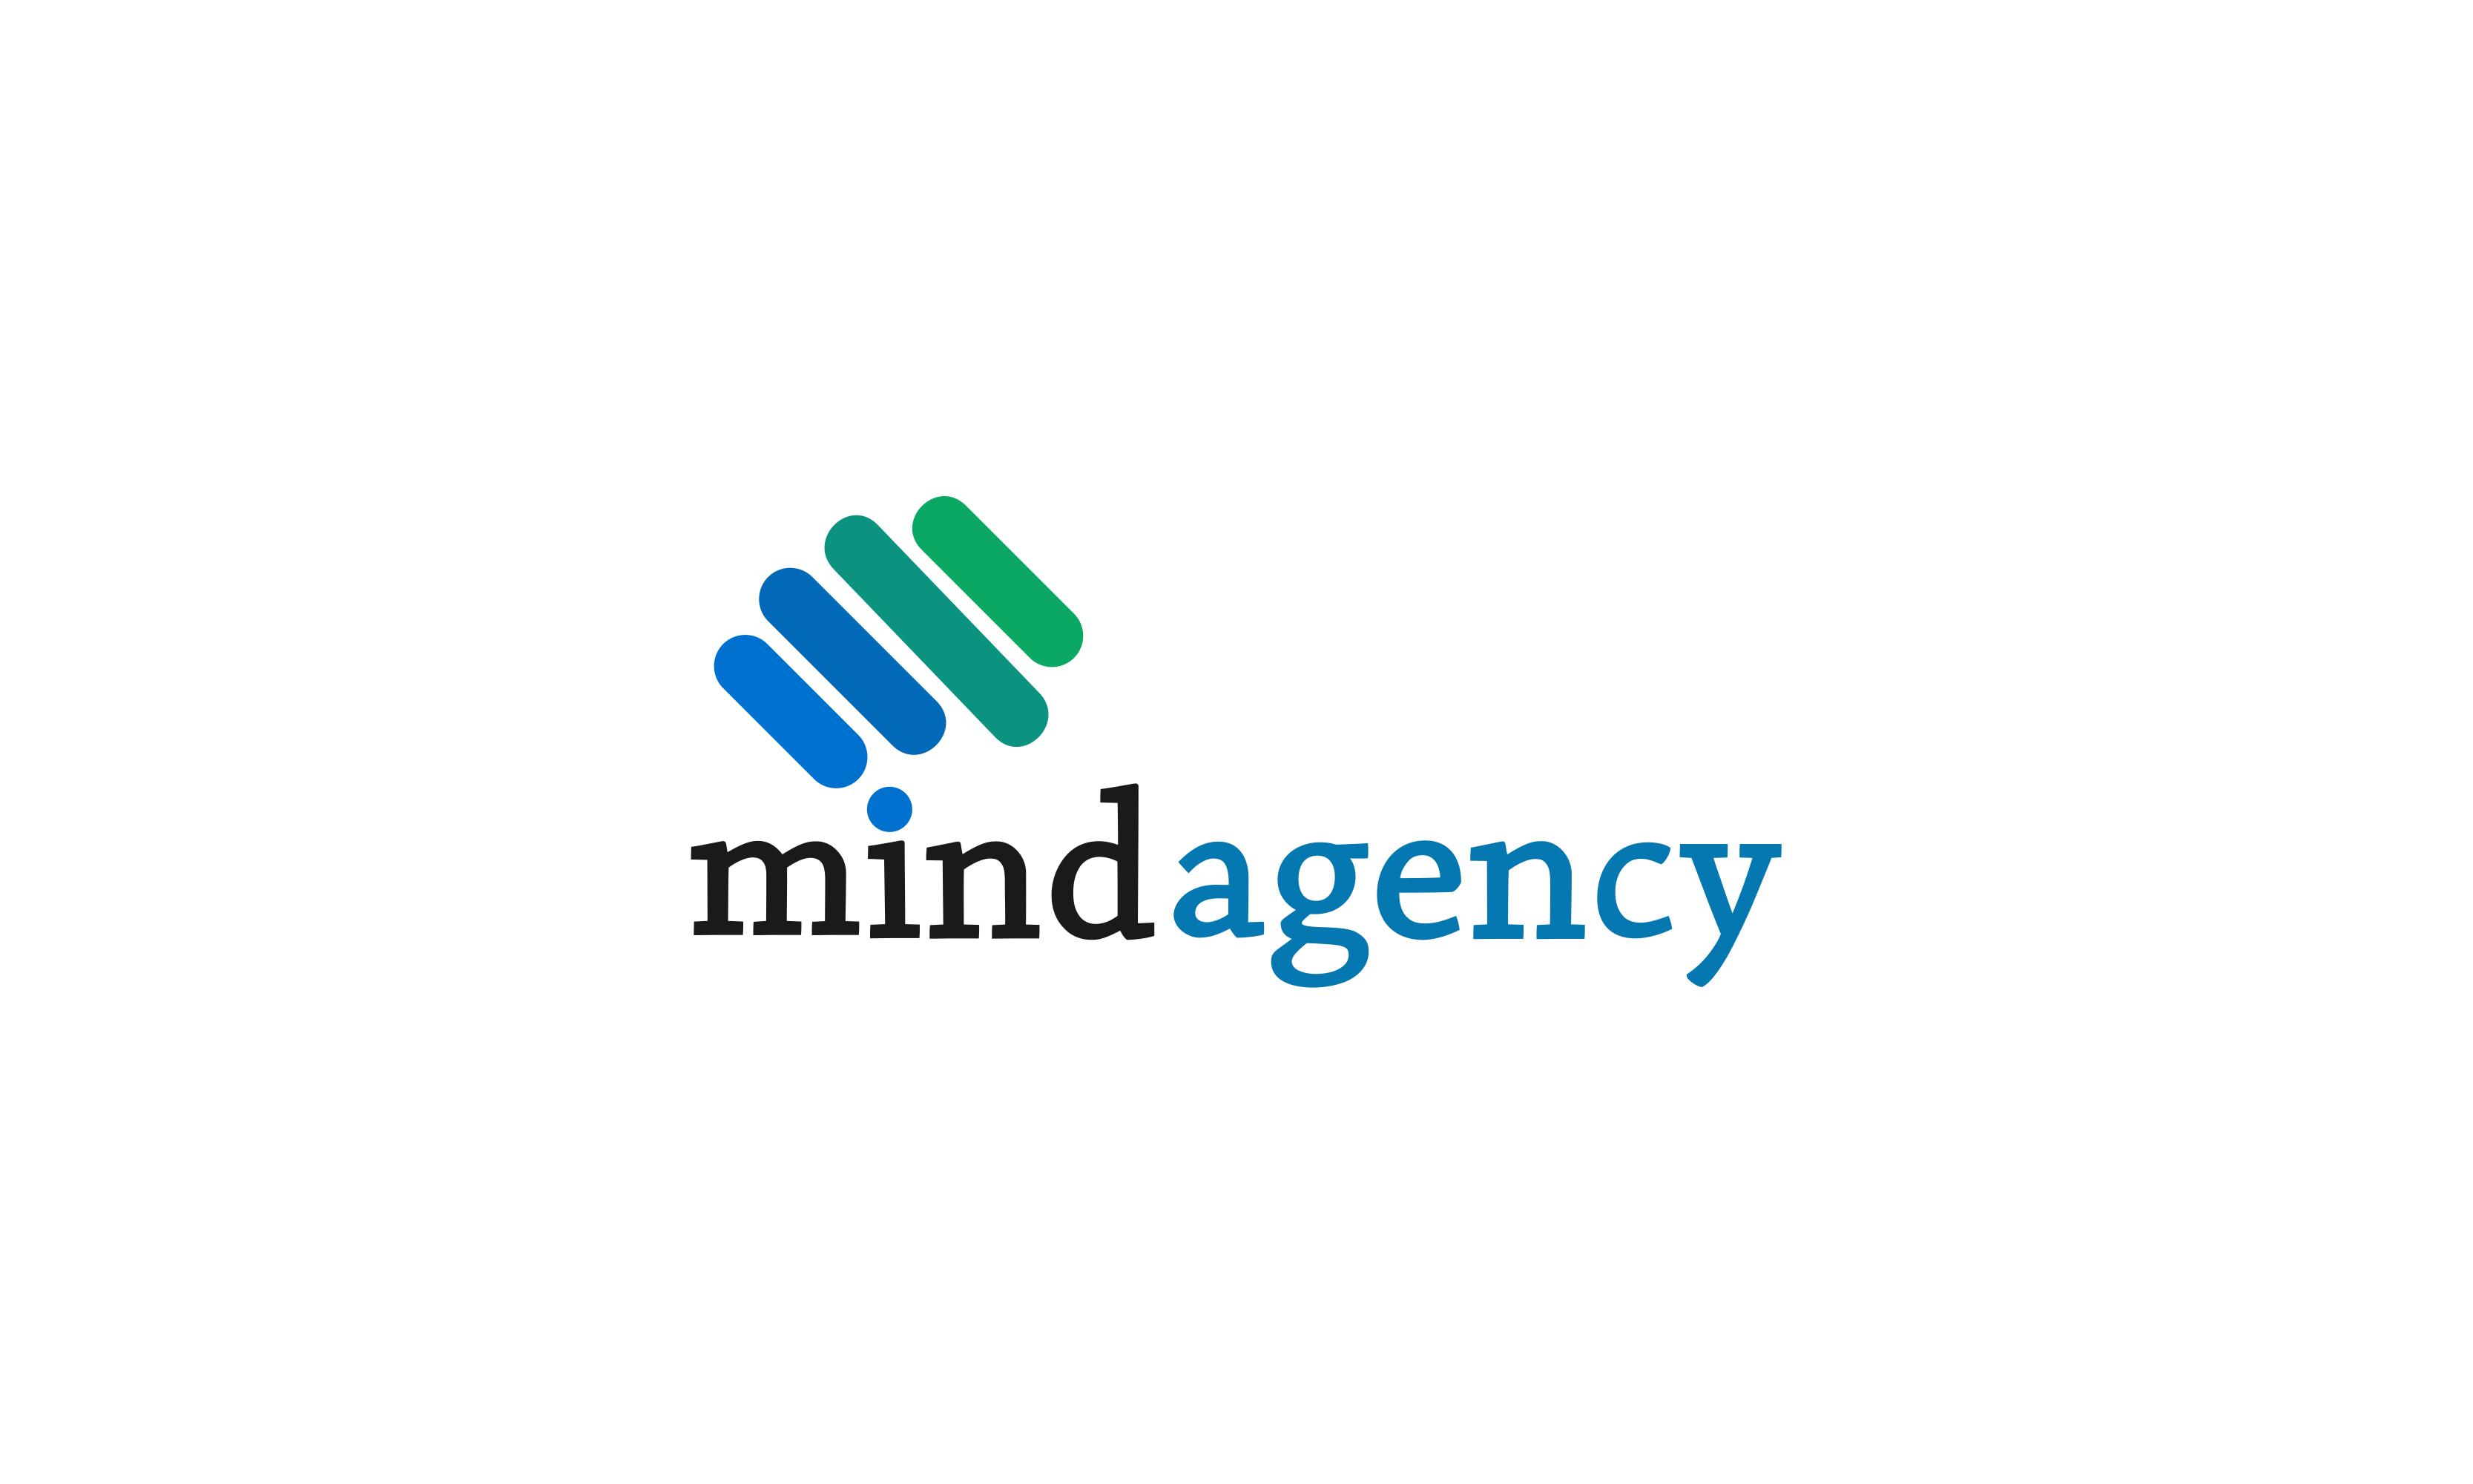 Mindagency